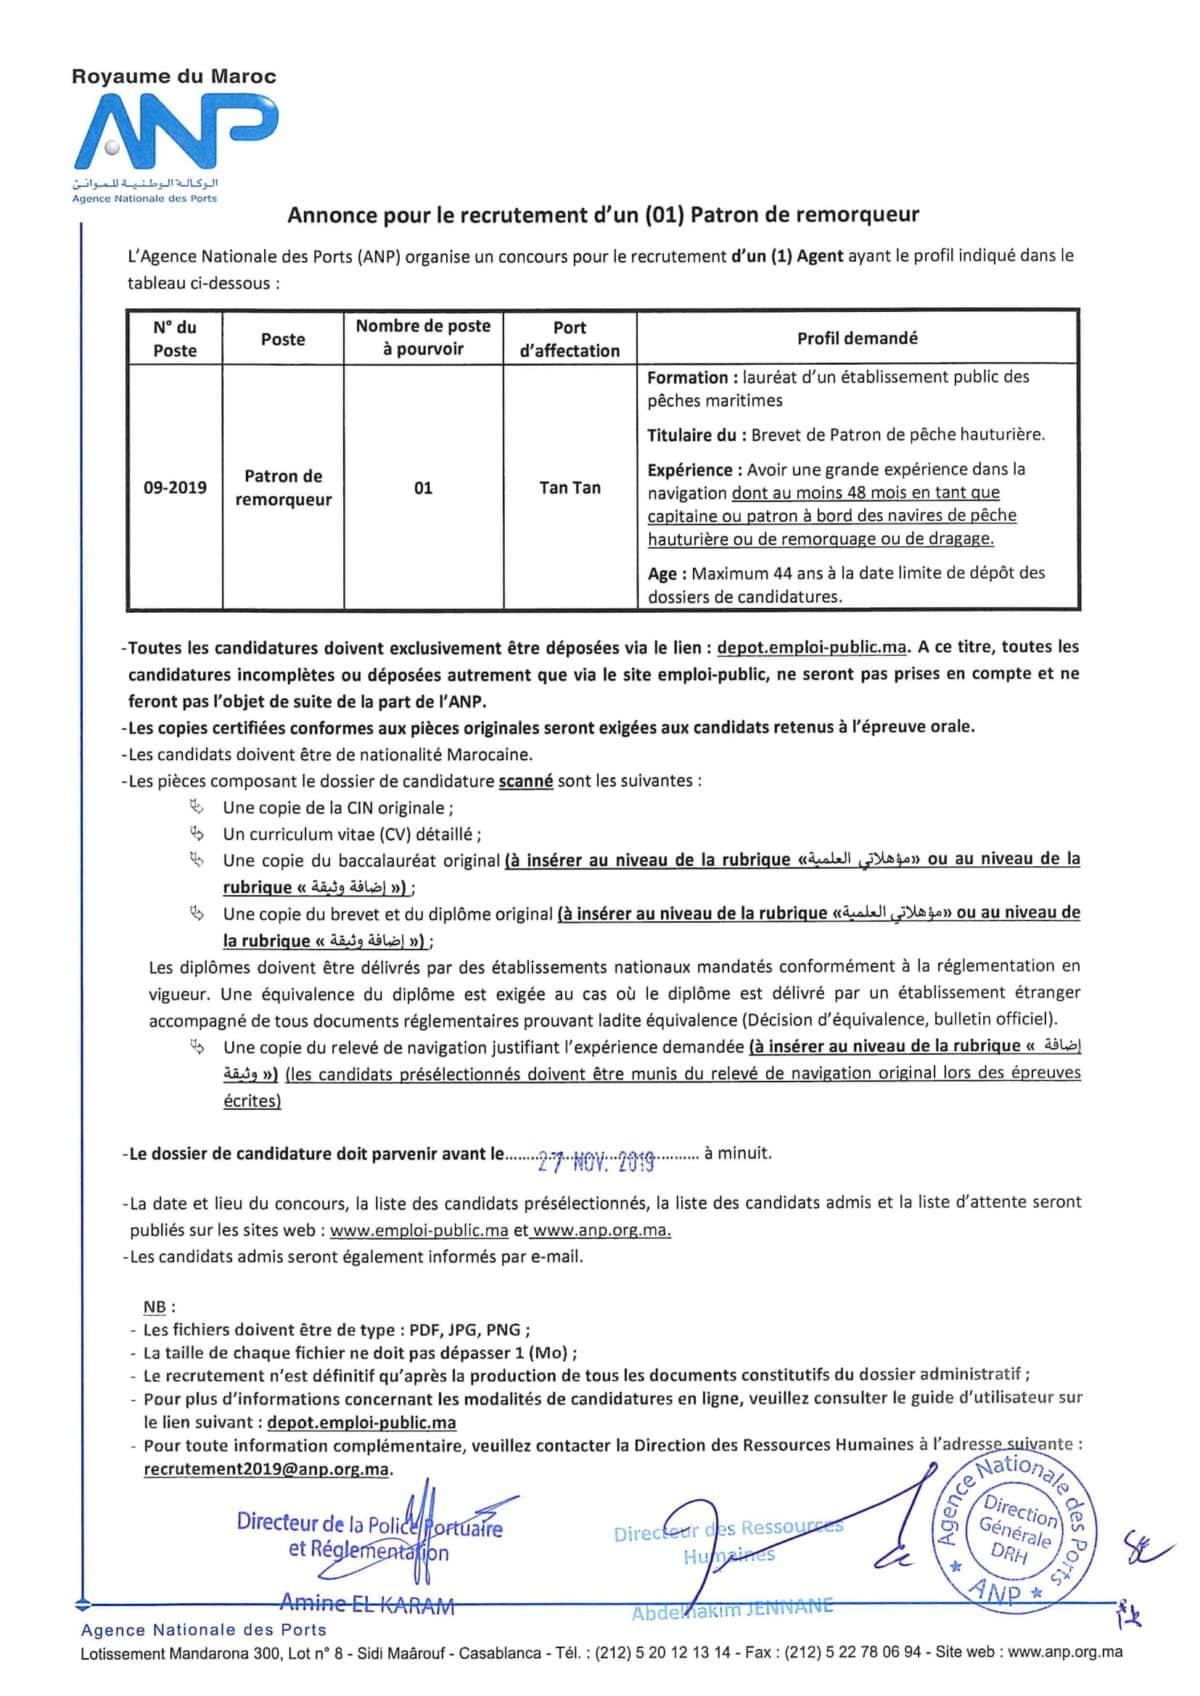 092019AnnoncePatrondeRemorqueur2019 1 Concours Agence Nationale des Ports (16 Postes)